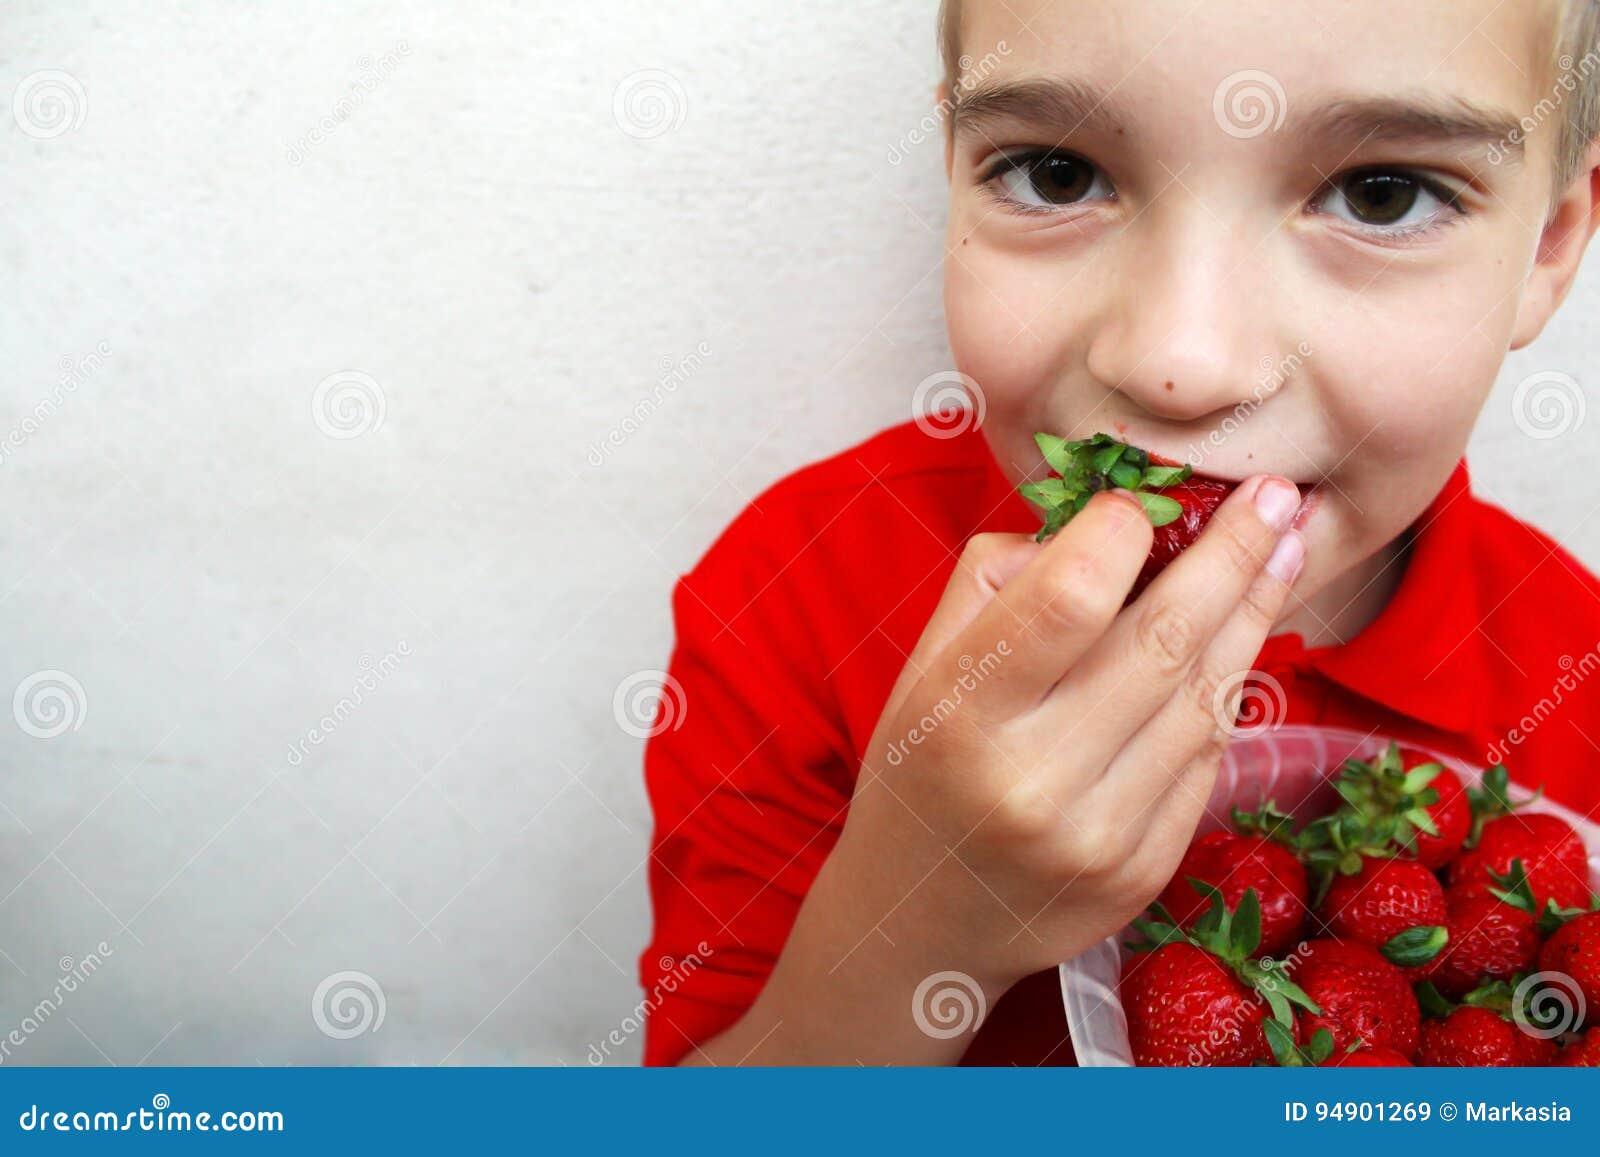 Фото зрелая и молодой мальчик фото 297-839